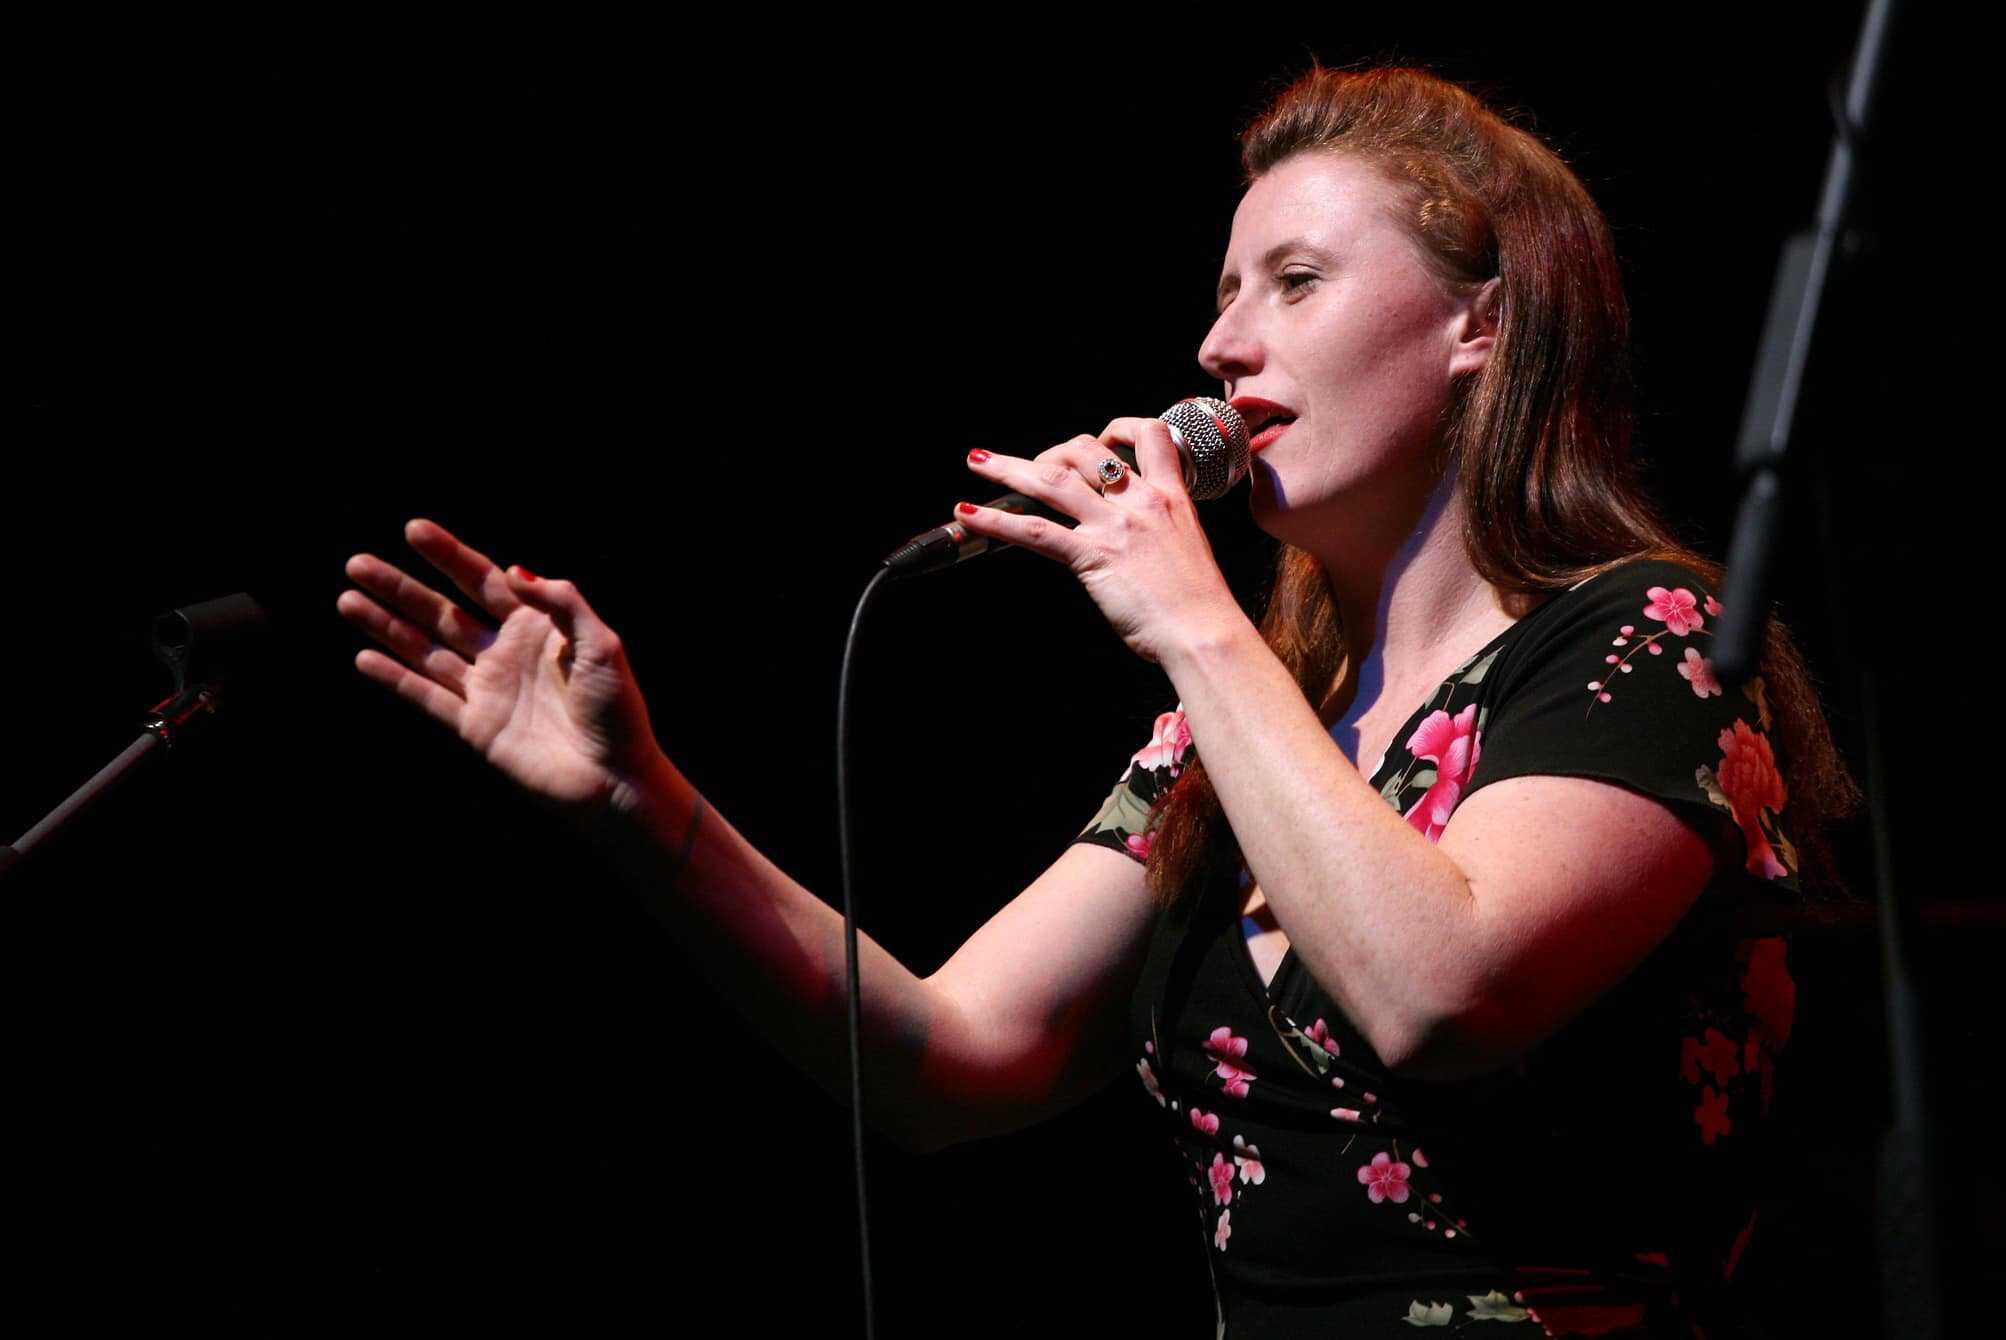 Julie O'Hara singing